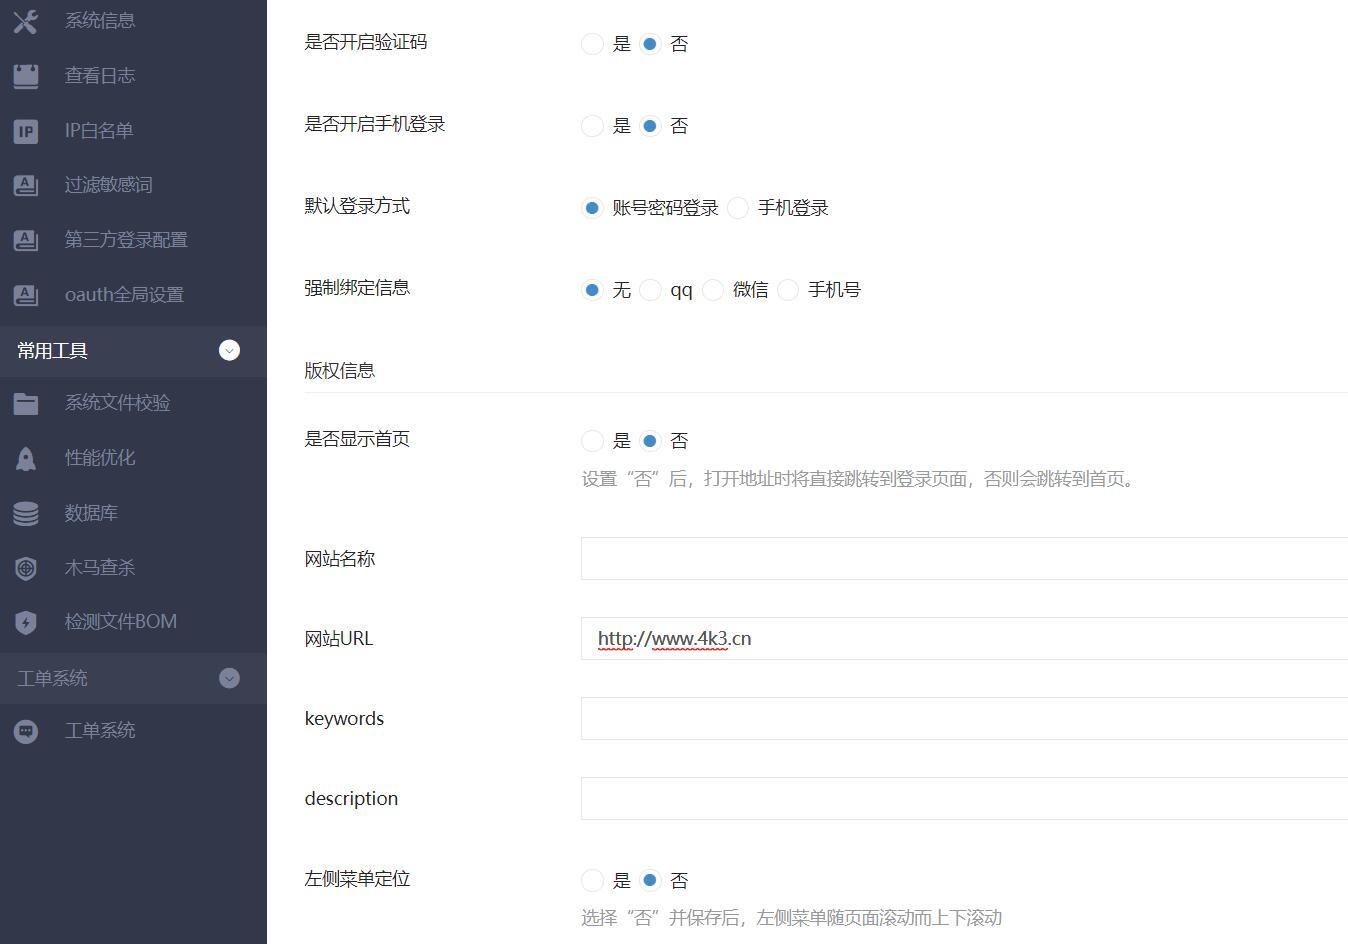 【会员免费】微信官方商业版1.7.1离线框架一键安装版全开源可直接安装本地模块 防拉黑-菜鸟源码资源站